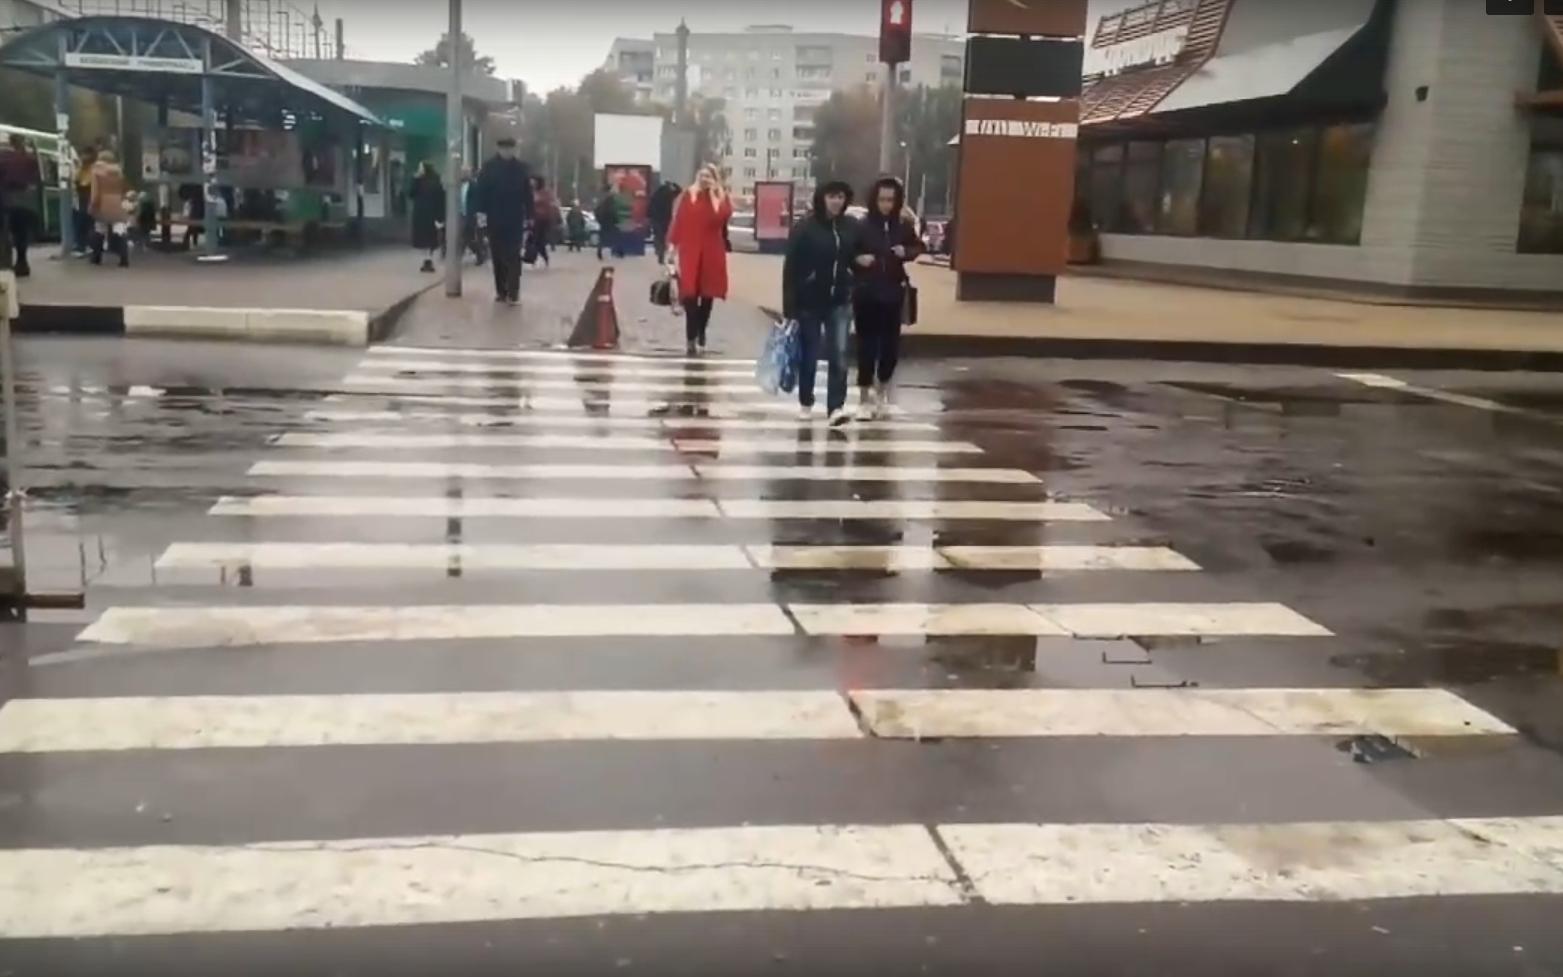 Возле БУМа в Брянске засняли пешеходов-камикадзе